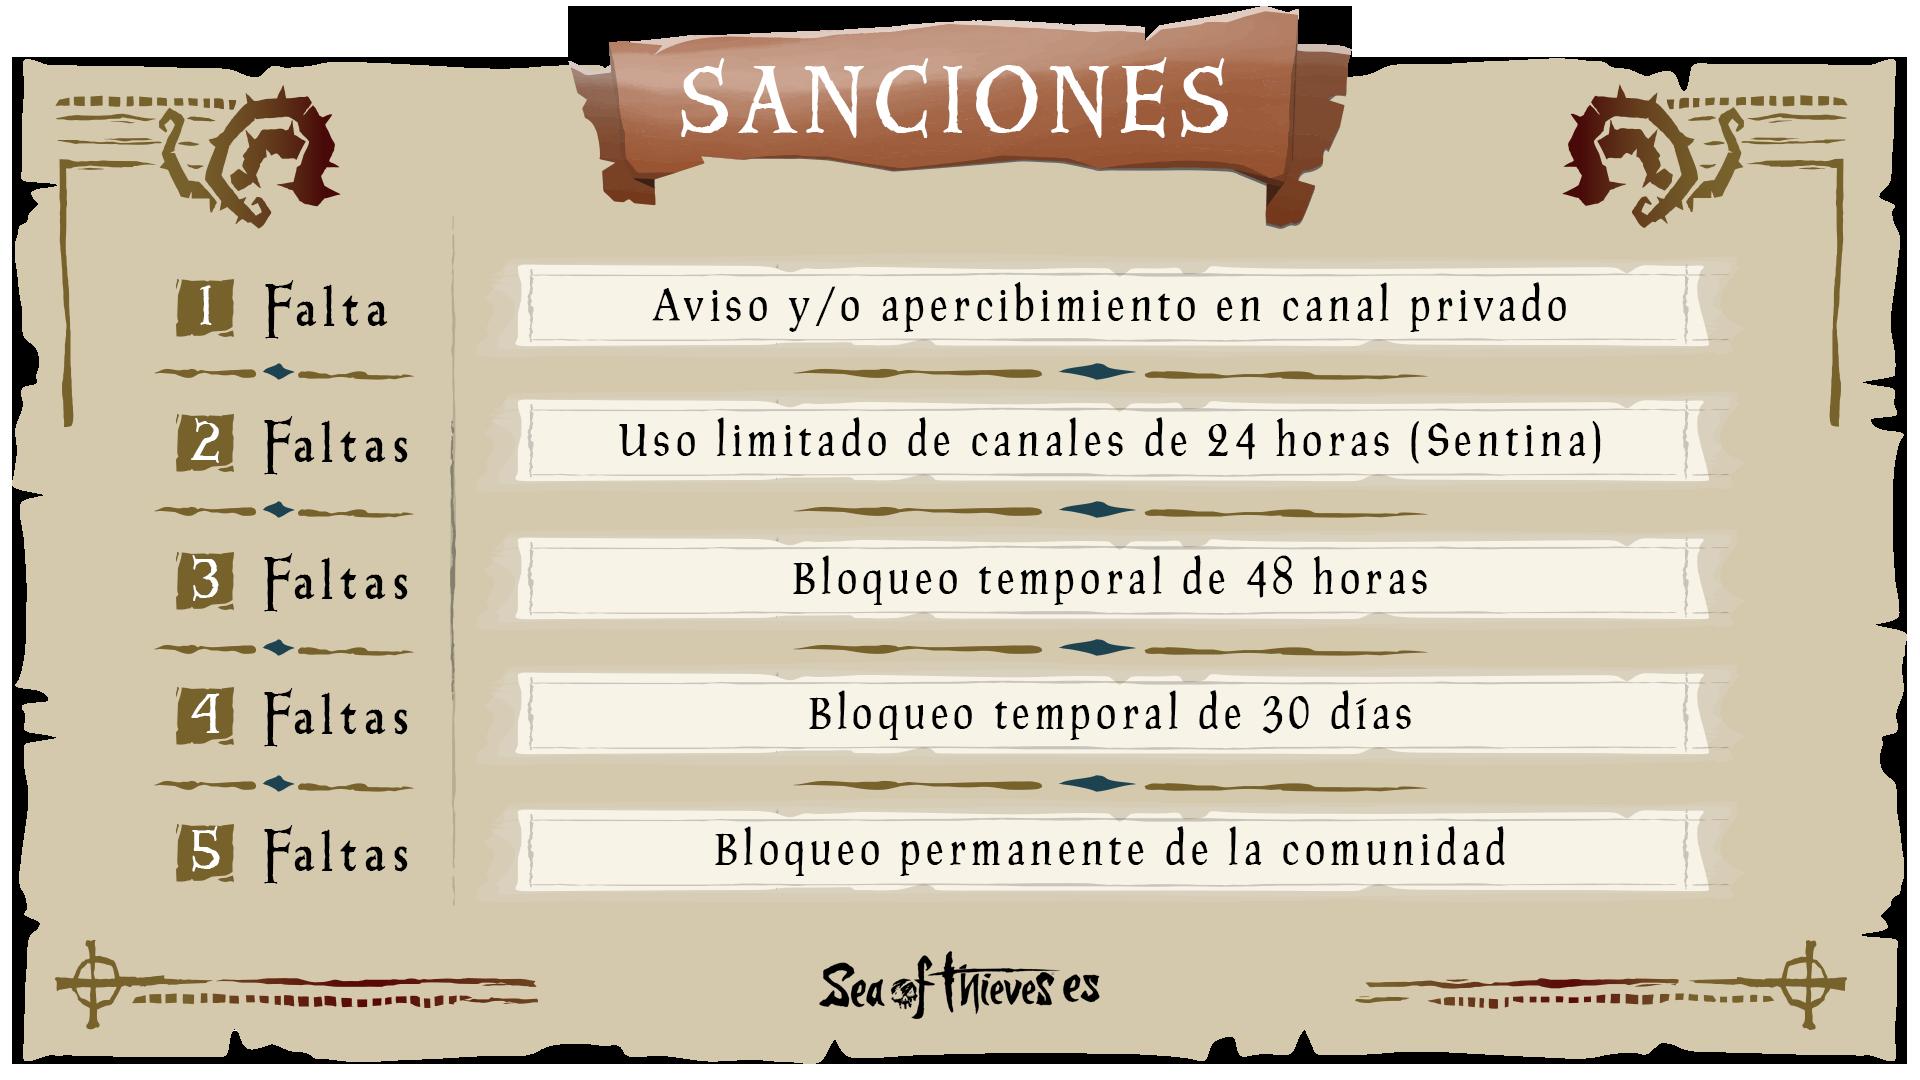 SancionesImg